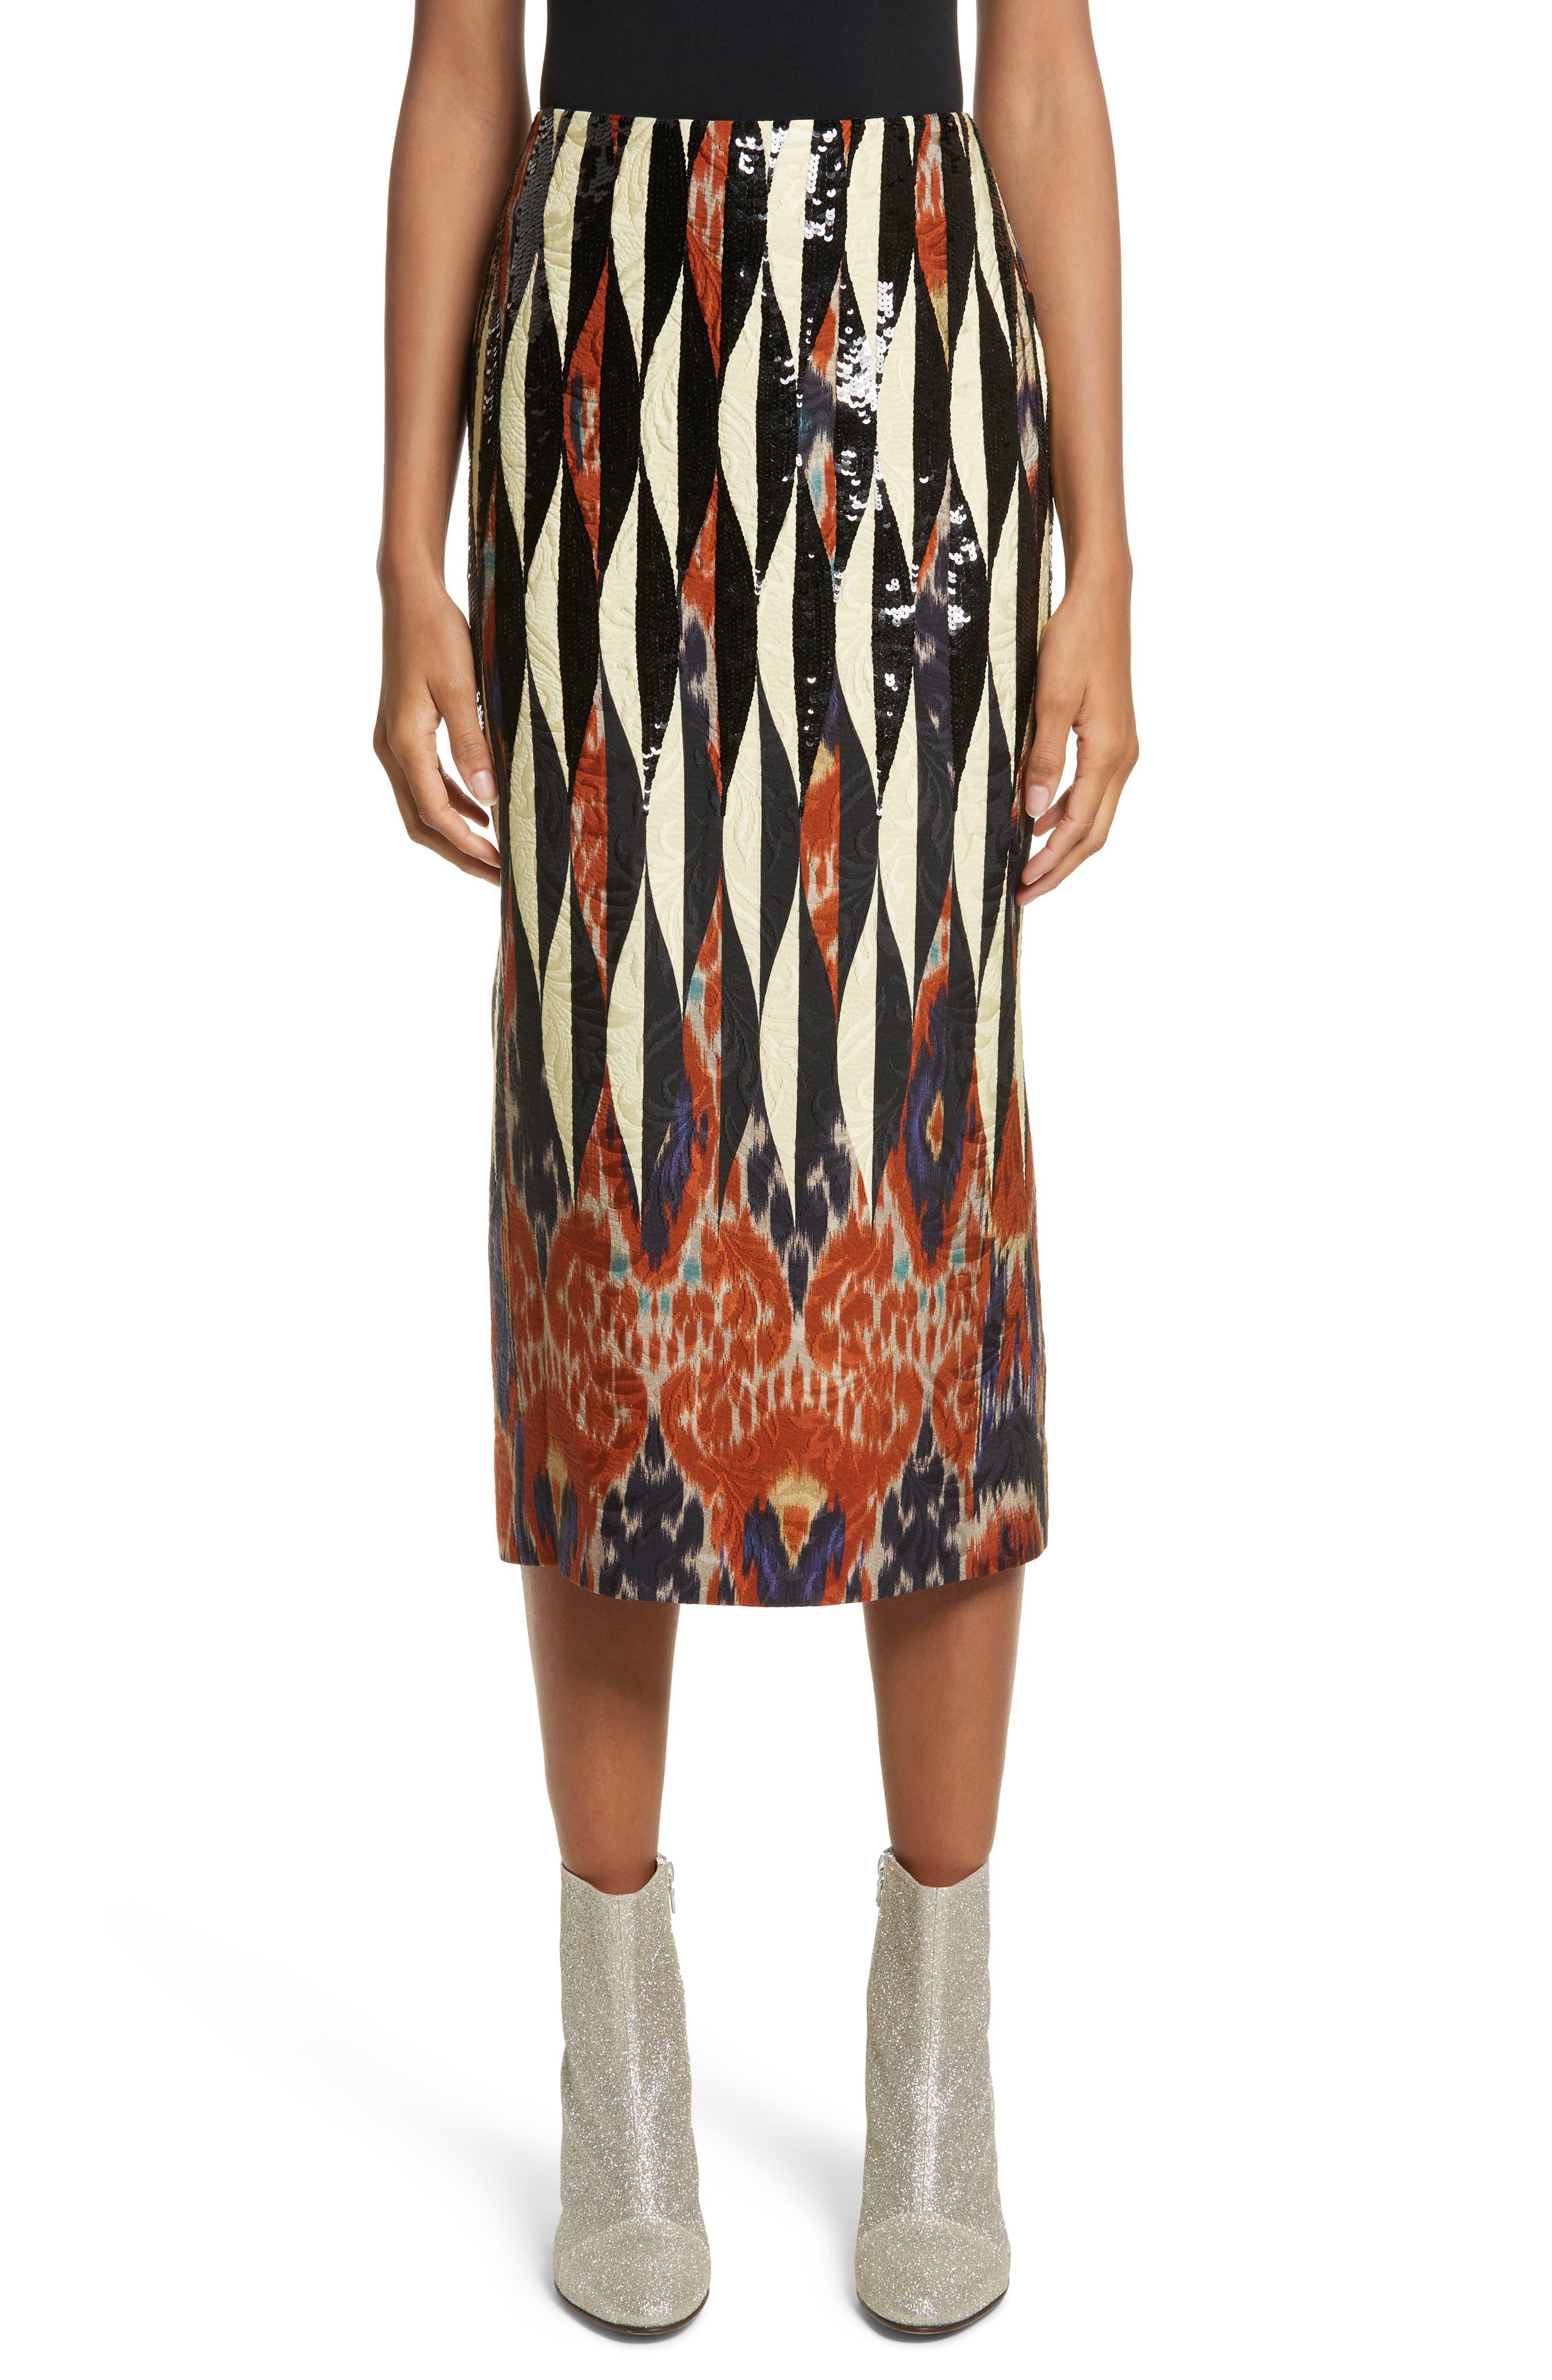 Dries Van Noten Embroidered Ikat Midi Skirt